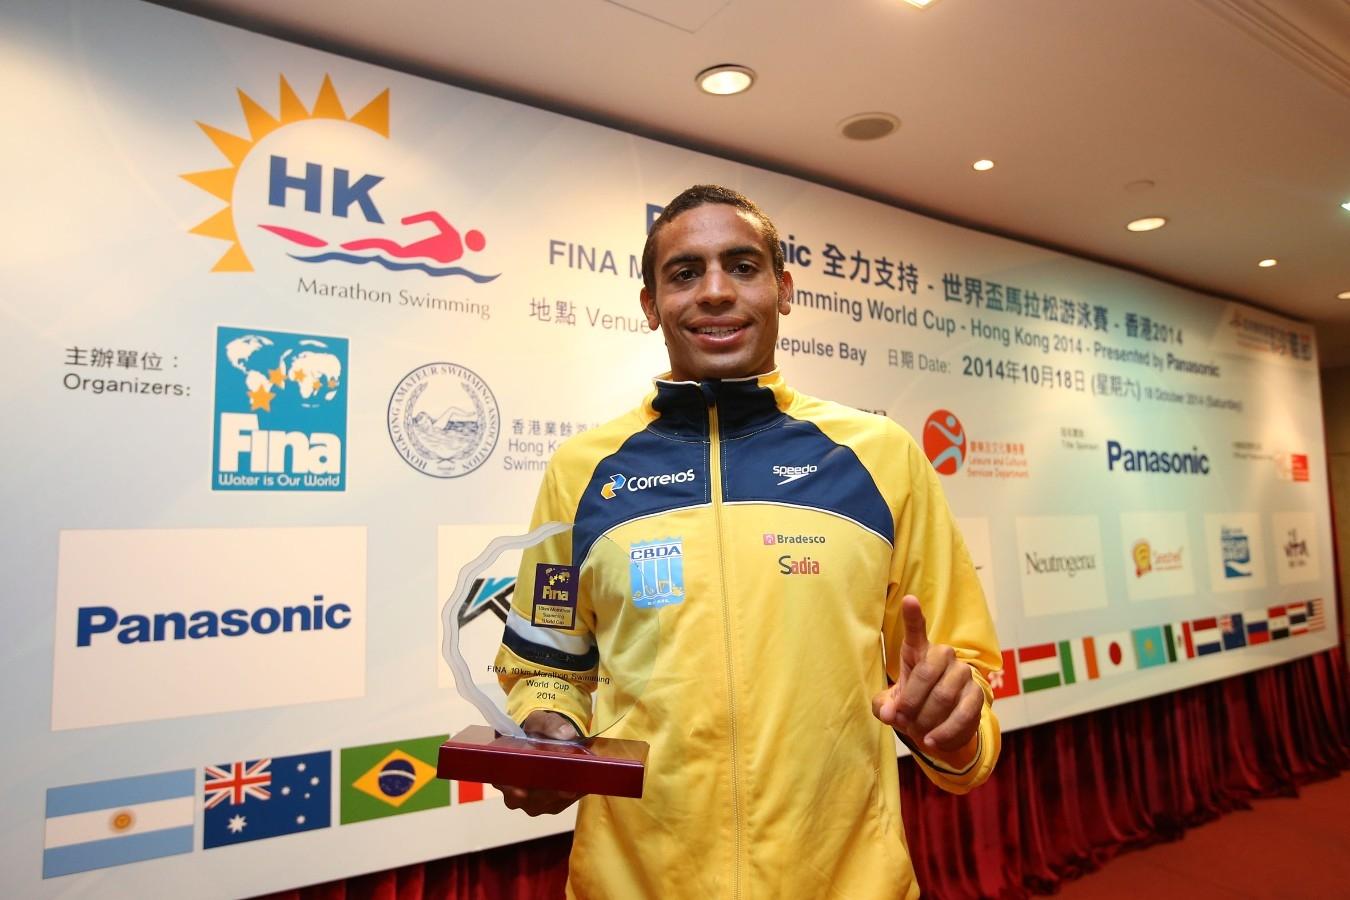 Allan do Carmo. Copa do Mundo de Maratonas Aquaticas, etapa Travessia de Hong Kong na Repulse Bay. 18 de Outubro de 2014, Hong Kong. Foto: Satiro Sodre/SSPress.